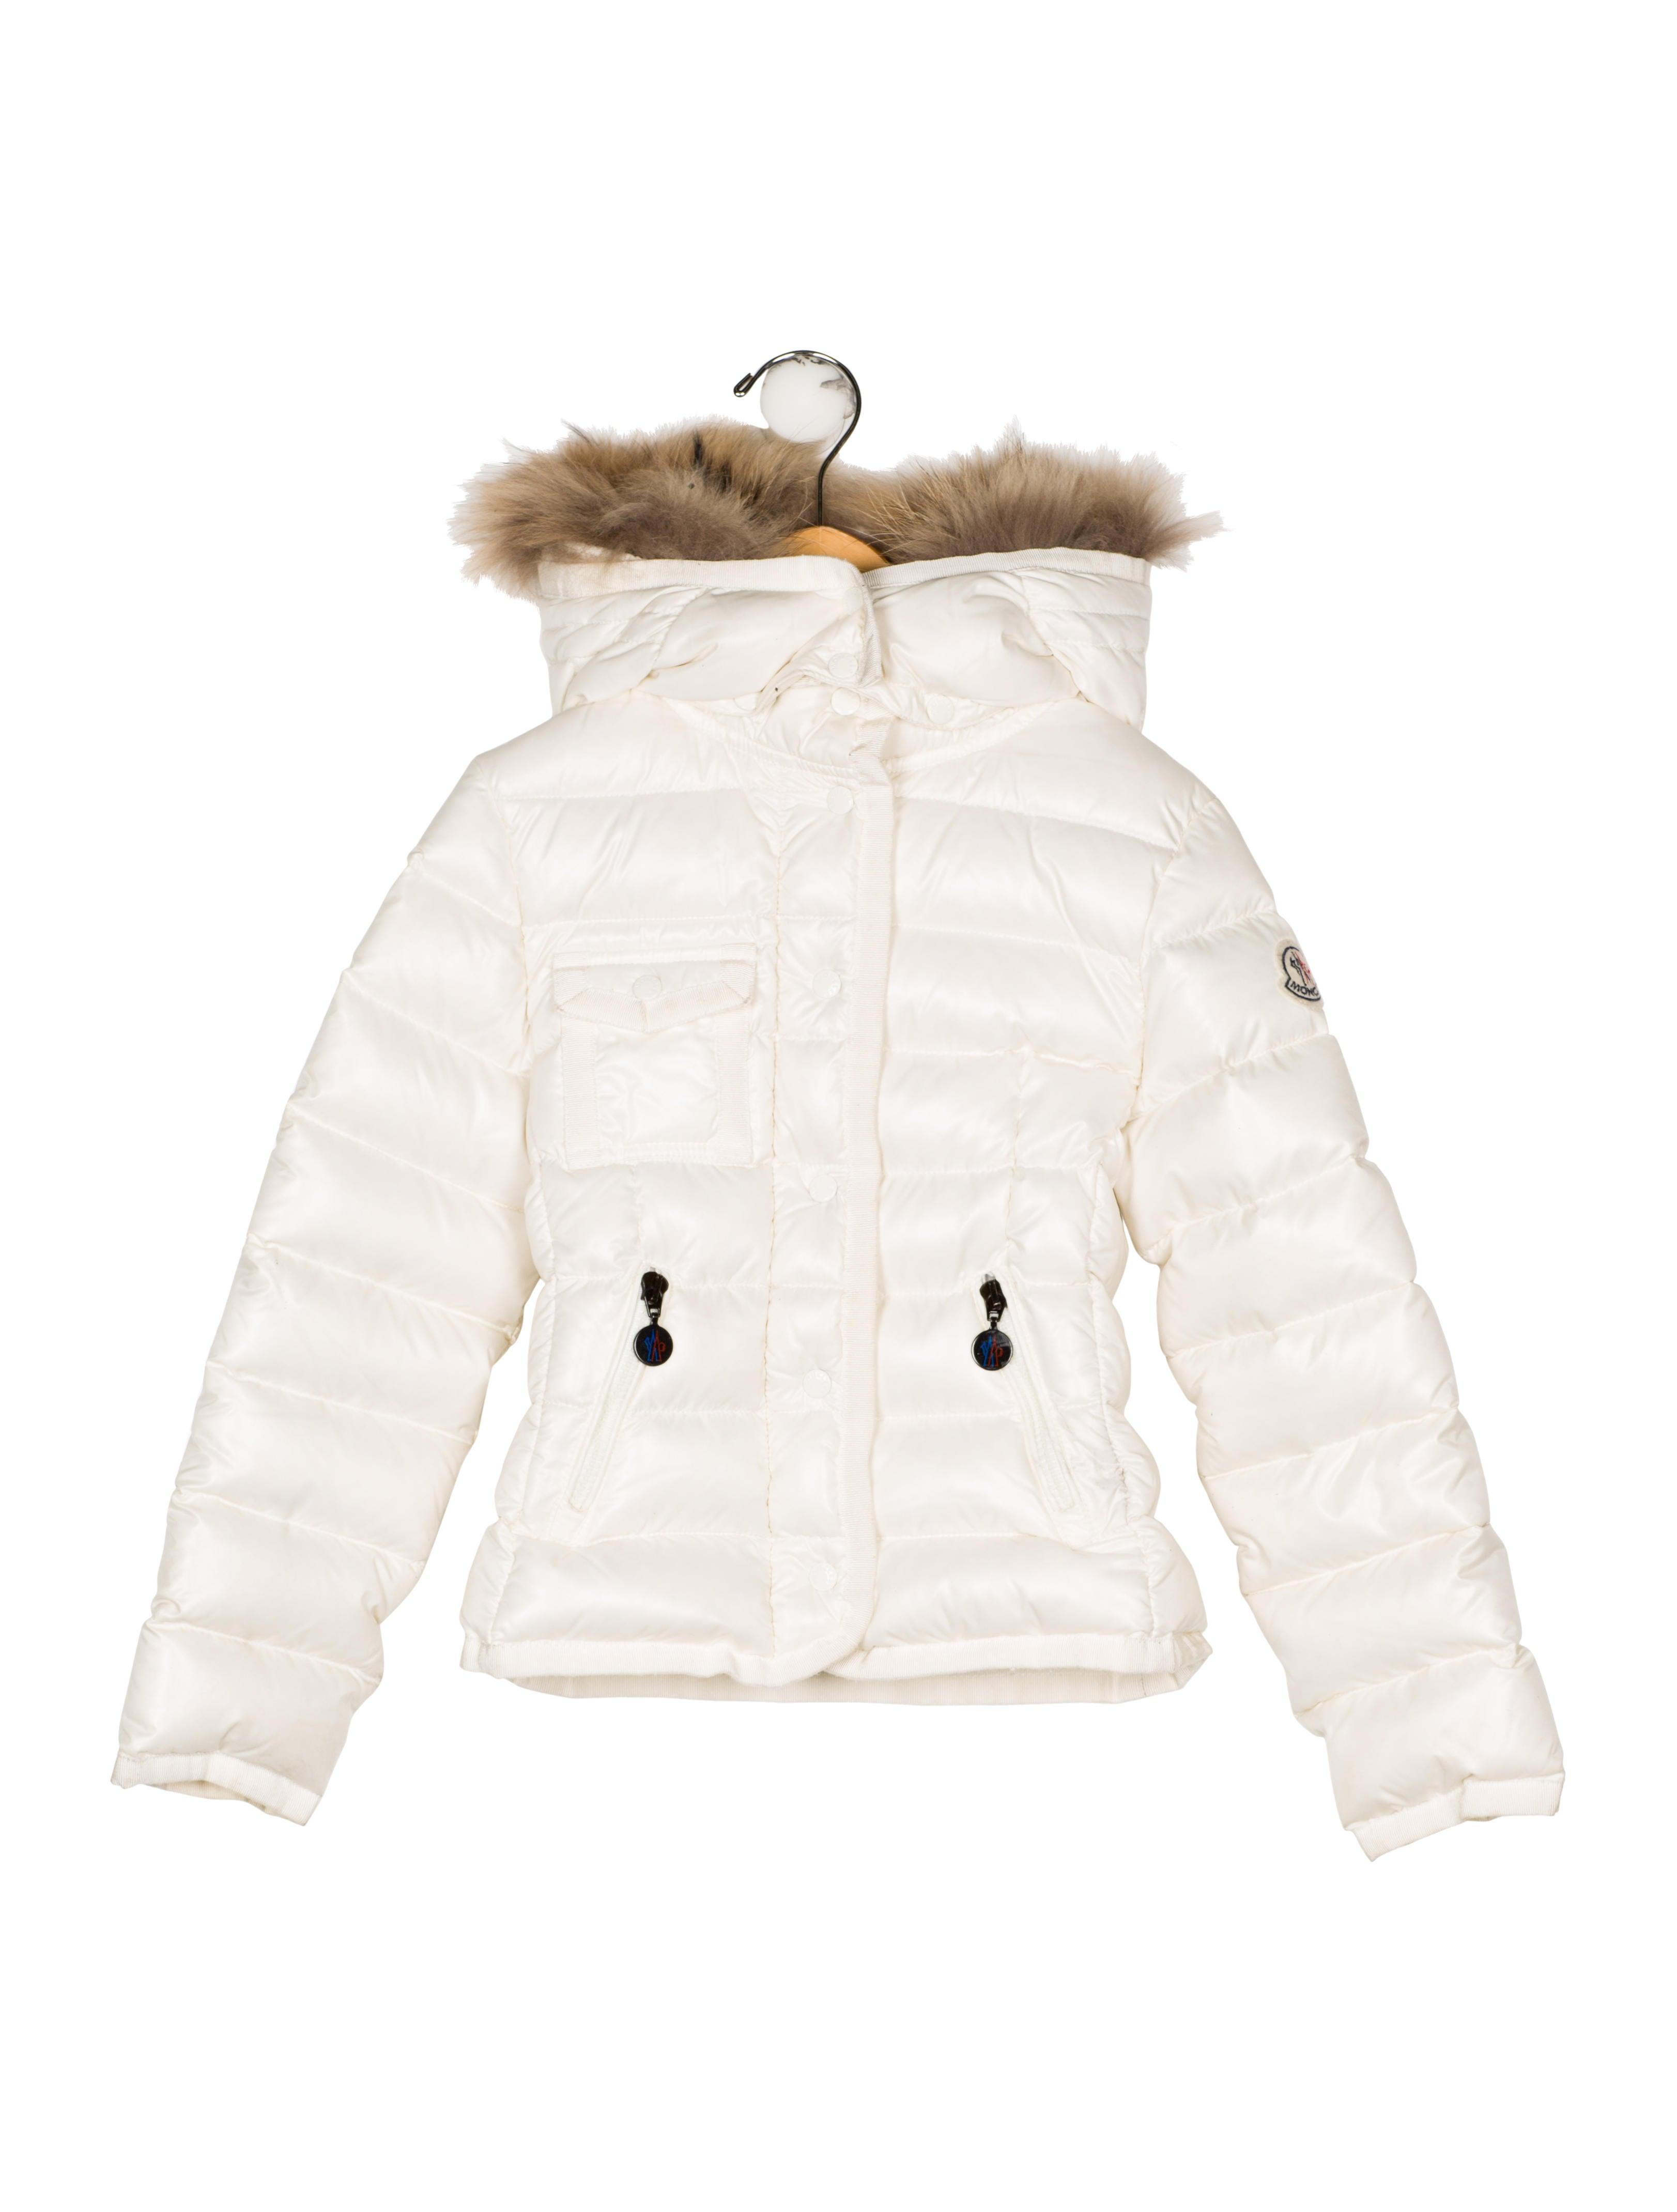 b00132f7d Moncler Girls  Fur-Trimmed Puffer Jacket - Girls - MOC32527